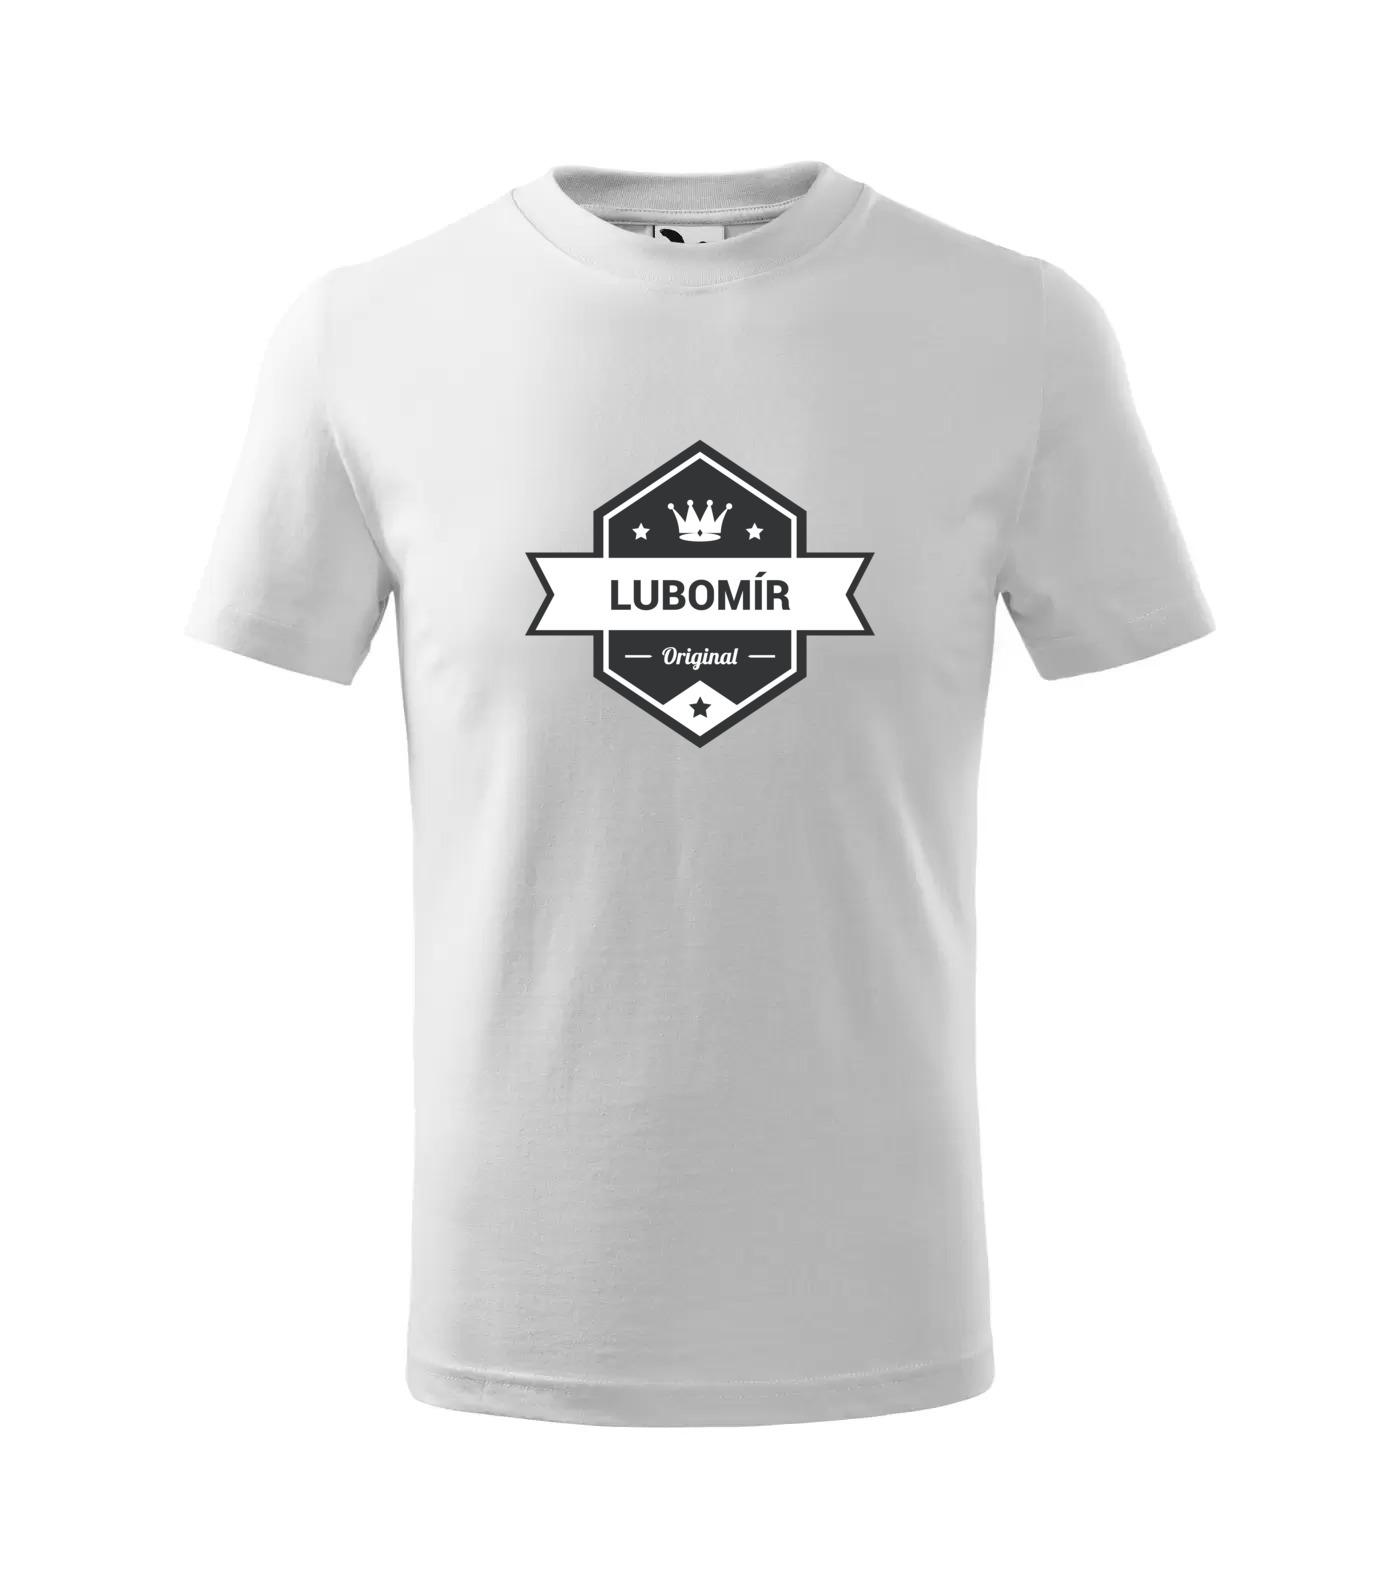 Tričko King Lubomír